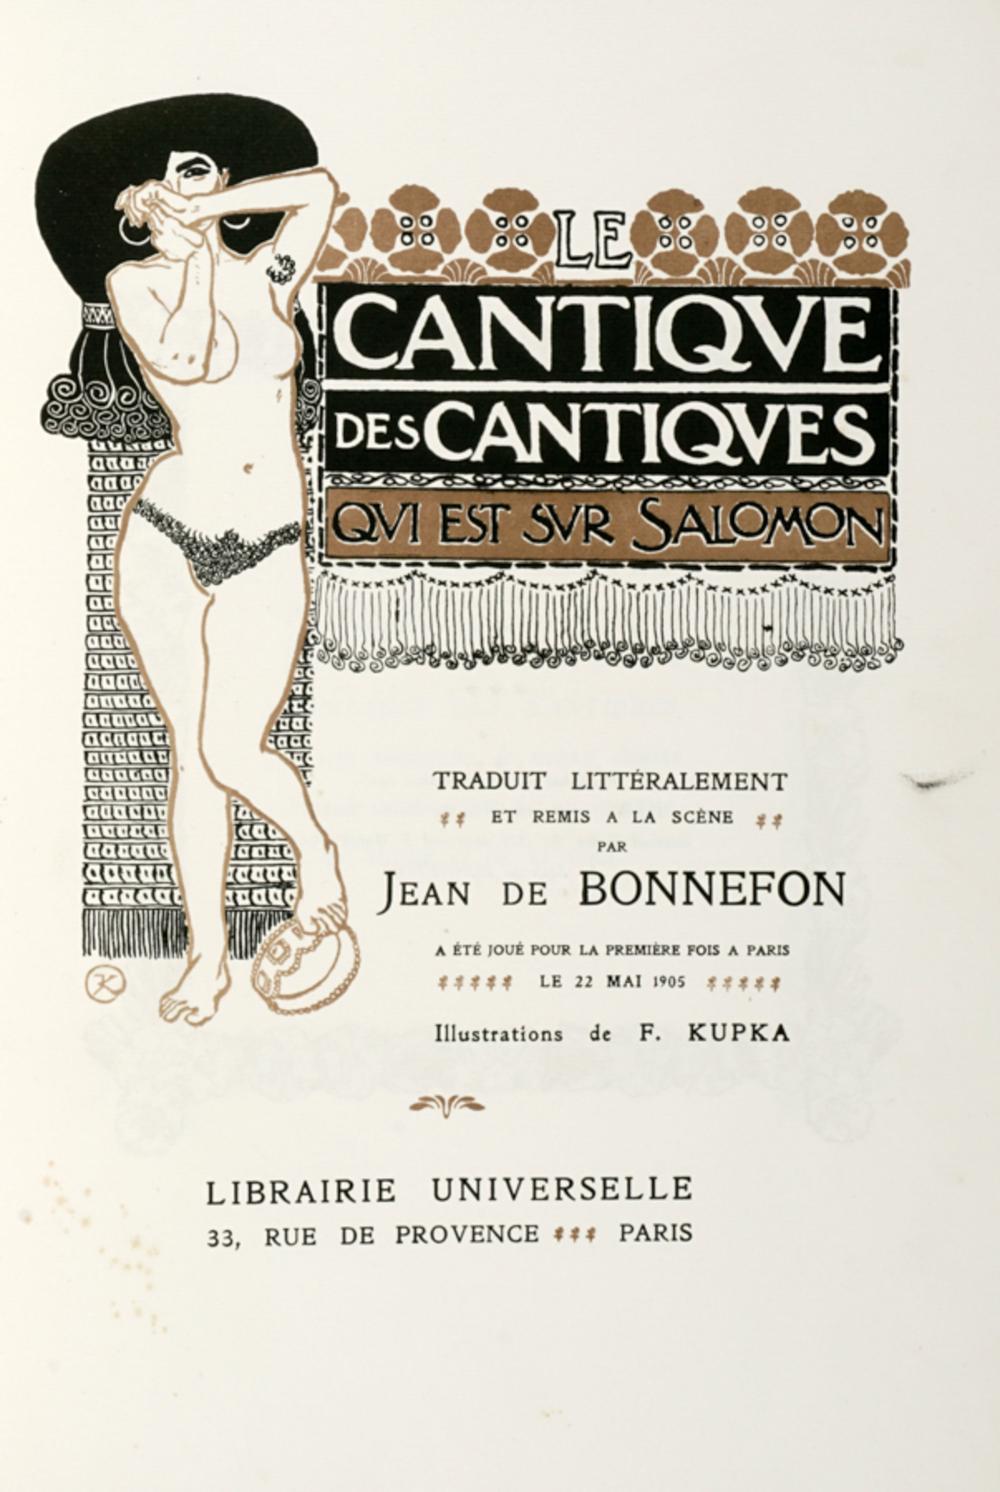 Bonnefon Jean, Le cantique des cantiques qui est su Salomon [...]. Illustrations de F. Kupka. Paris: Librairie Universelle, 1905.